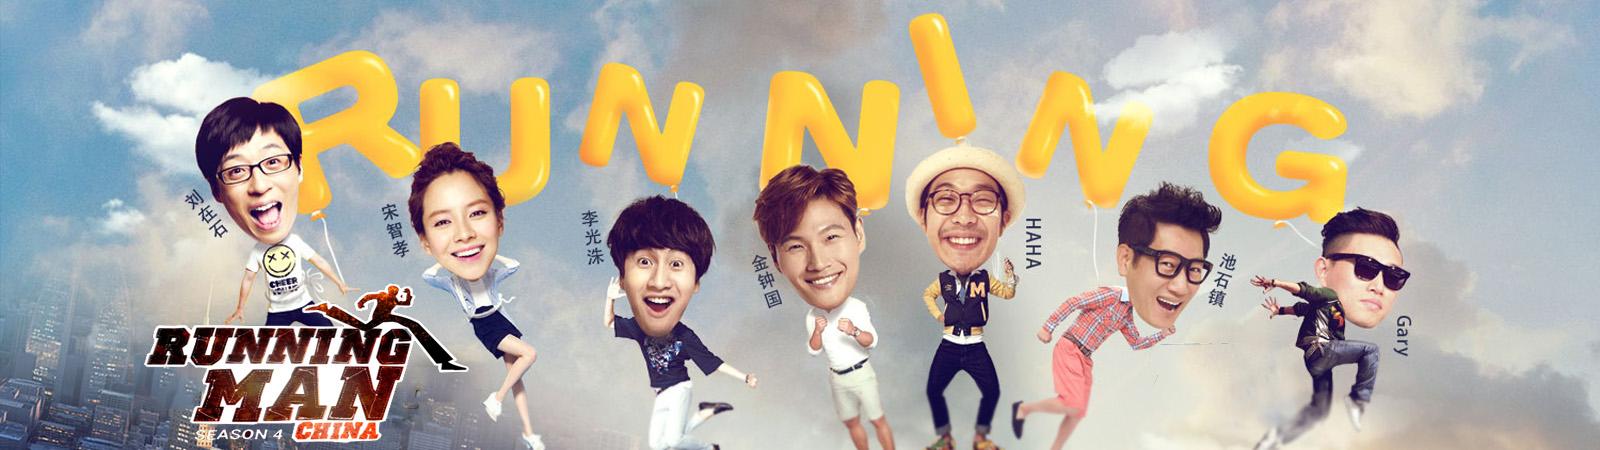 Tập 5 - Đại Chiến Cắm Trại (Running Man Hàn Quốc)